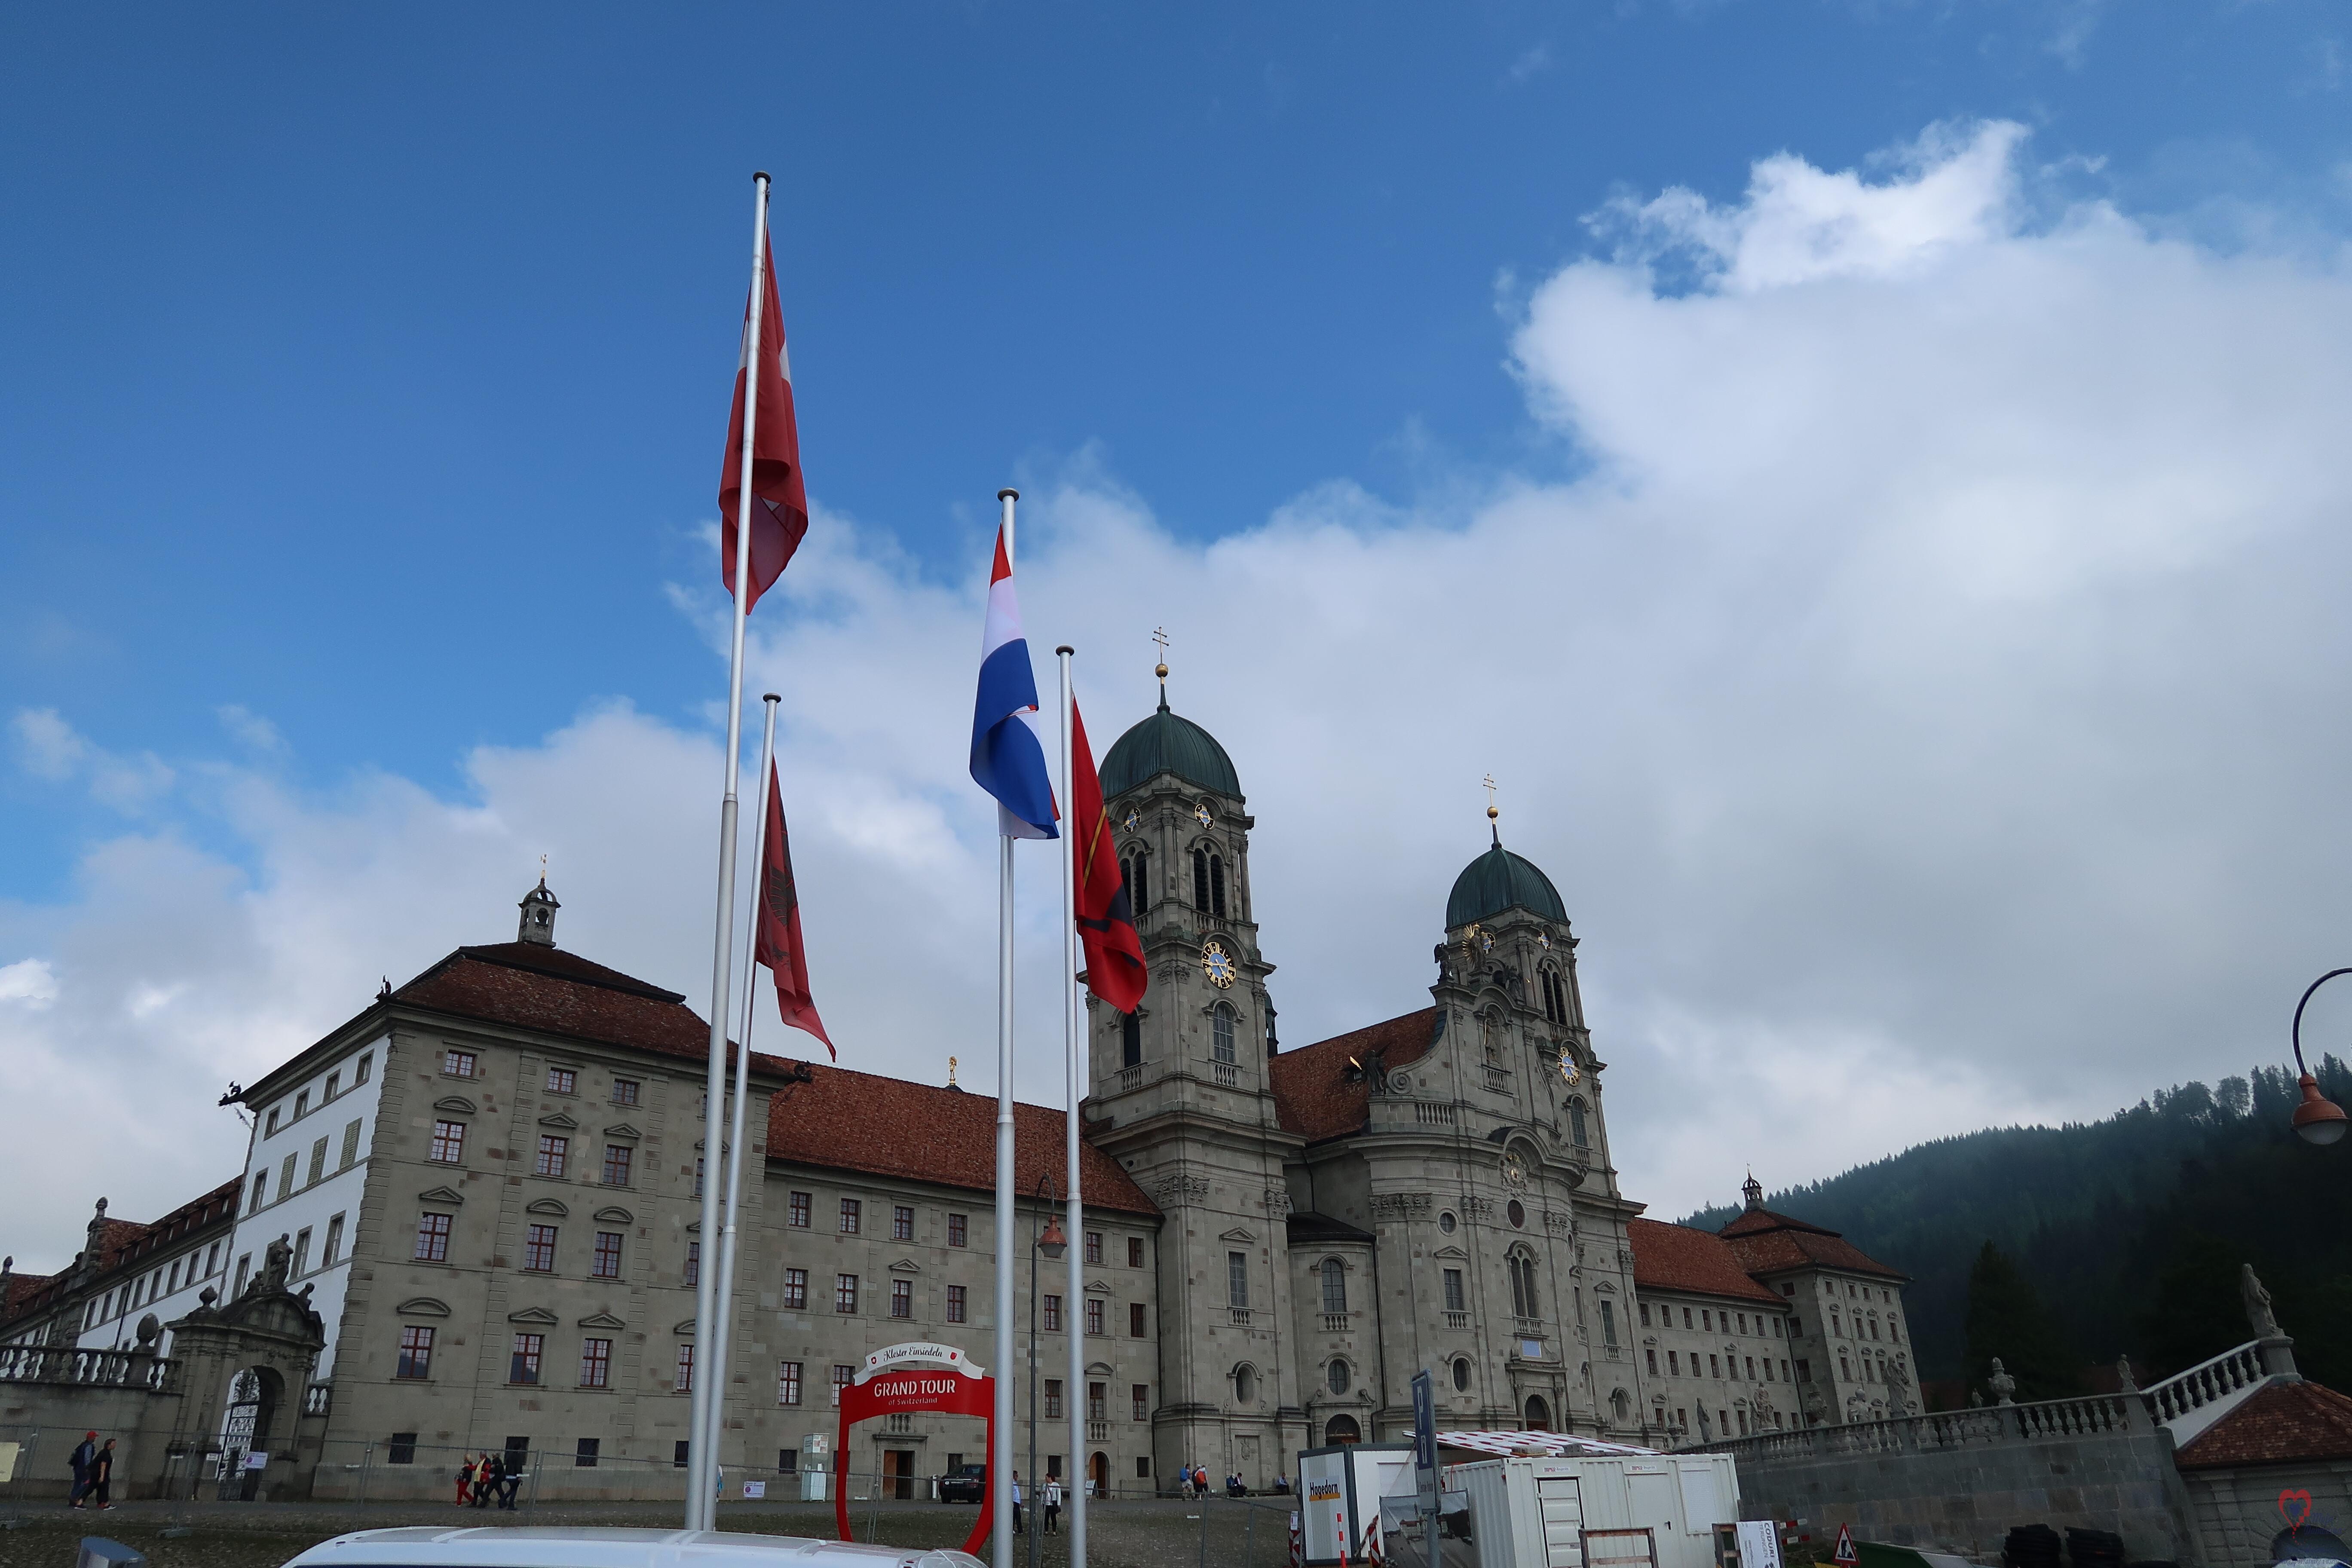 Rumeni list @ Kloster Einsiedeln | Einsiedeln | Schwyz | Switzerland